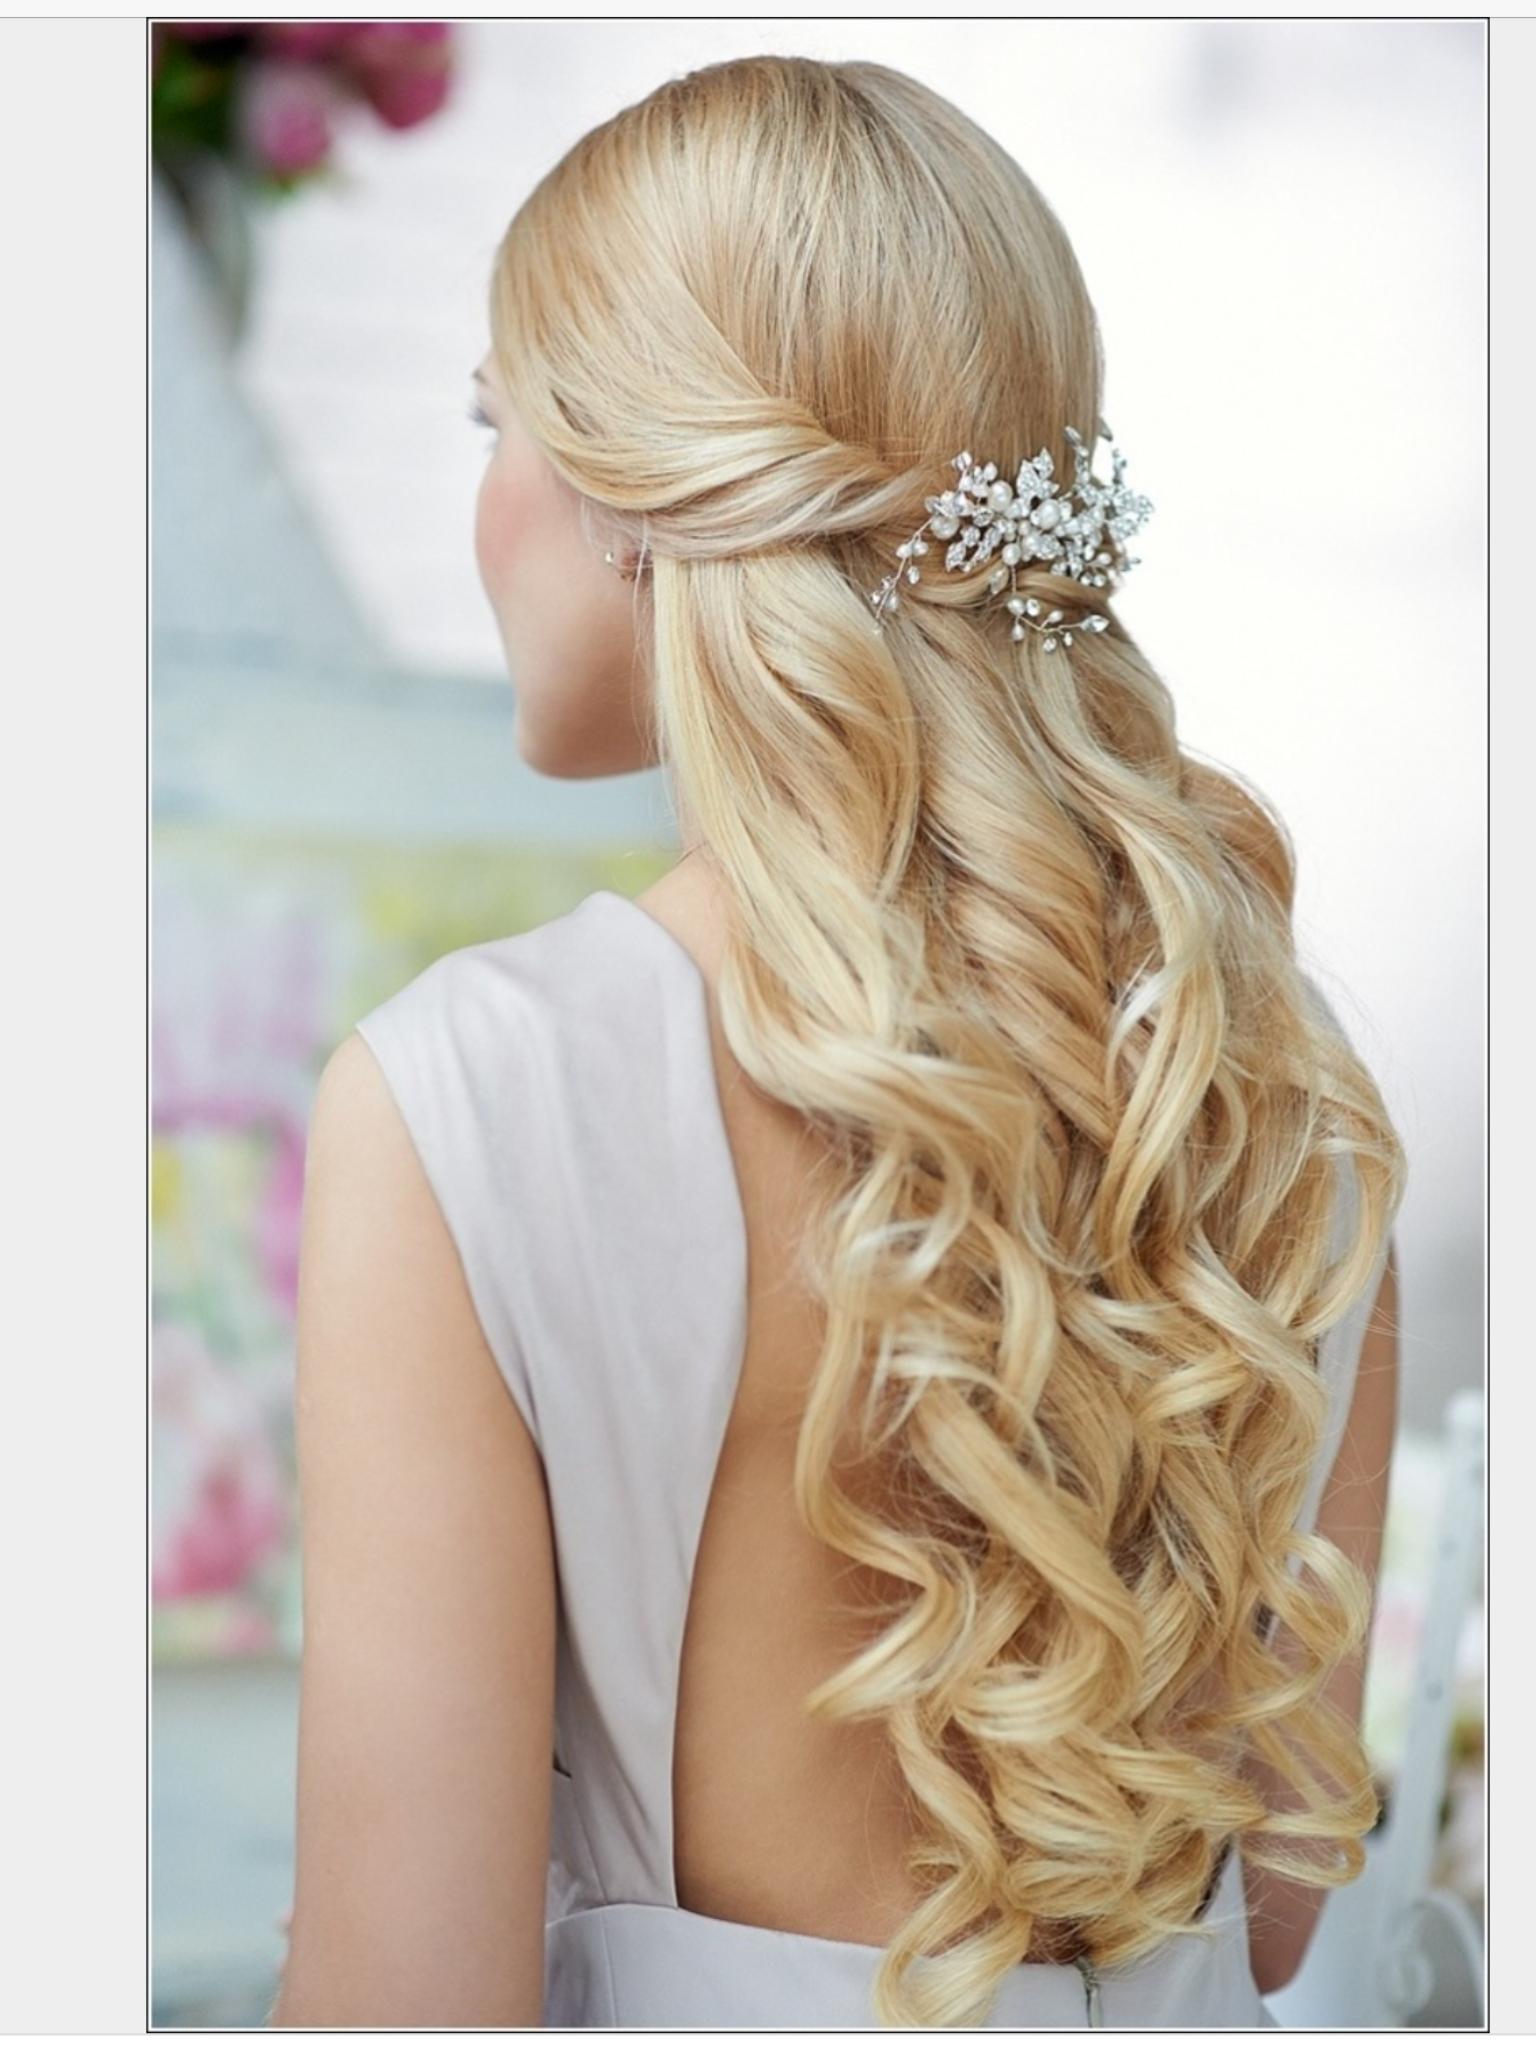 Pin By Elena Kurz On Abschlussballfrisuren Wedding Hair Pieces Hair Styles Wedding Hair Down